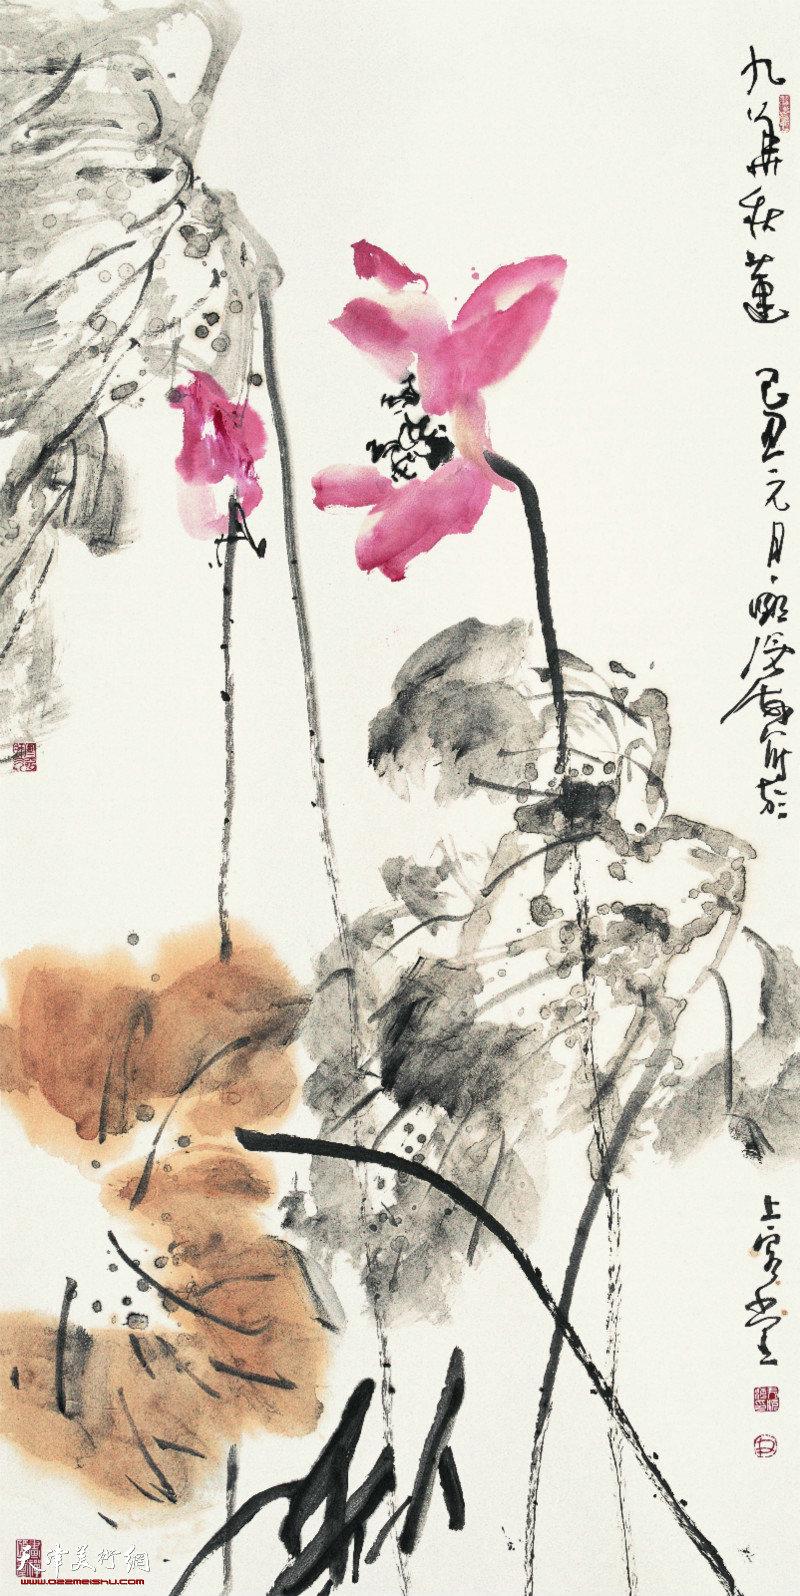 南开大学成立艺术与美学研究院 尹沧海教授担任主持工作副院长